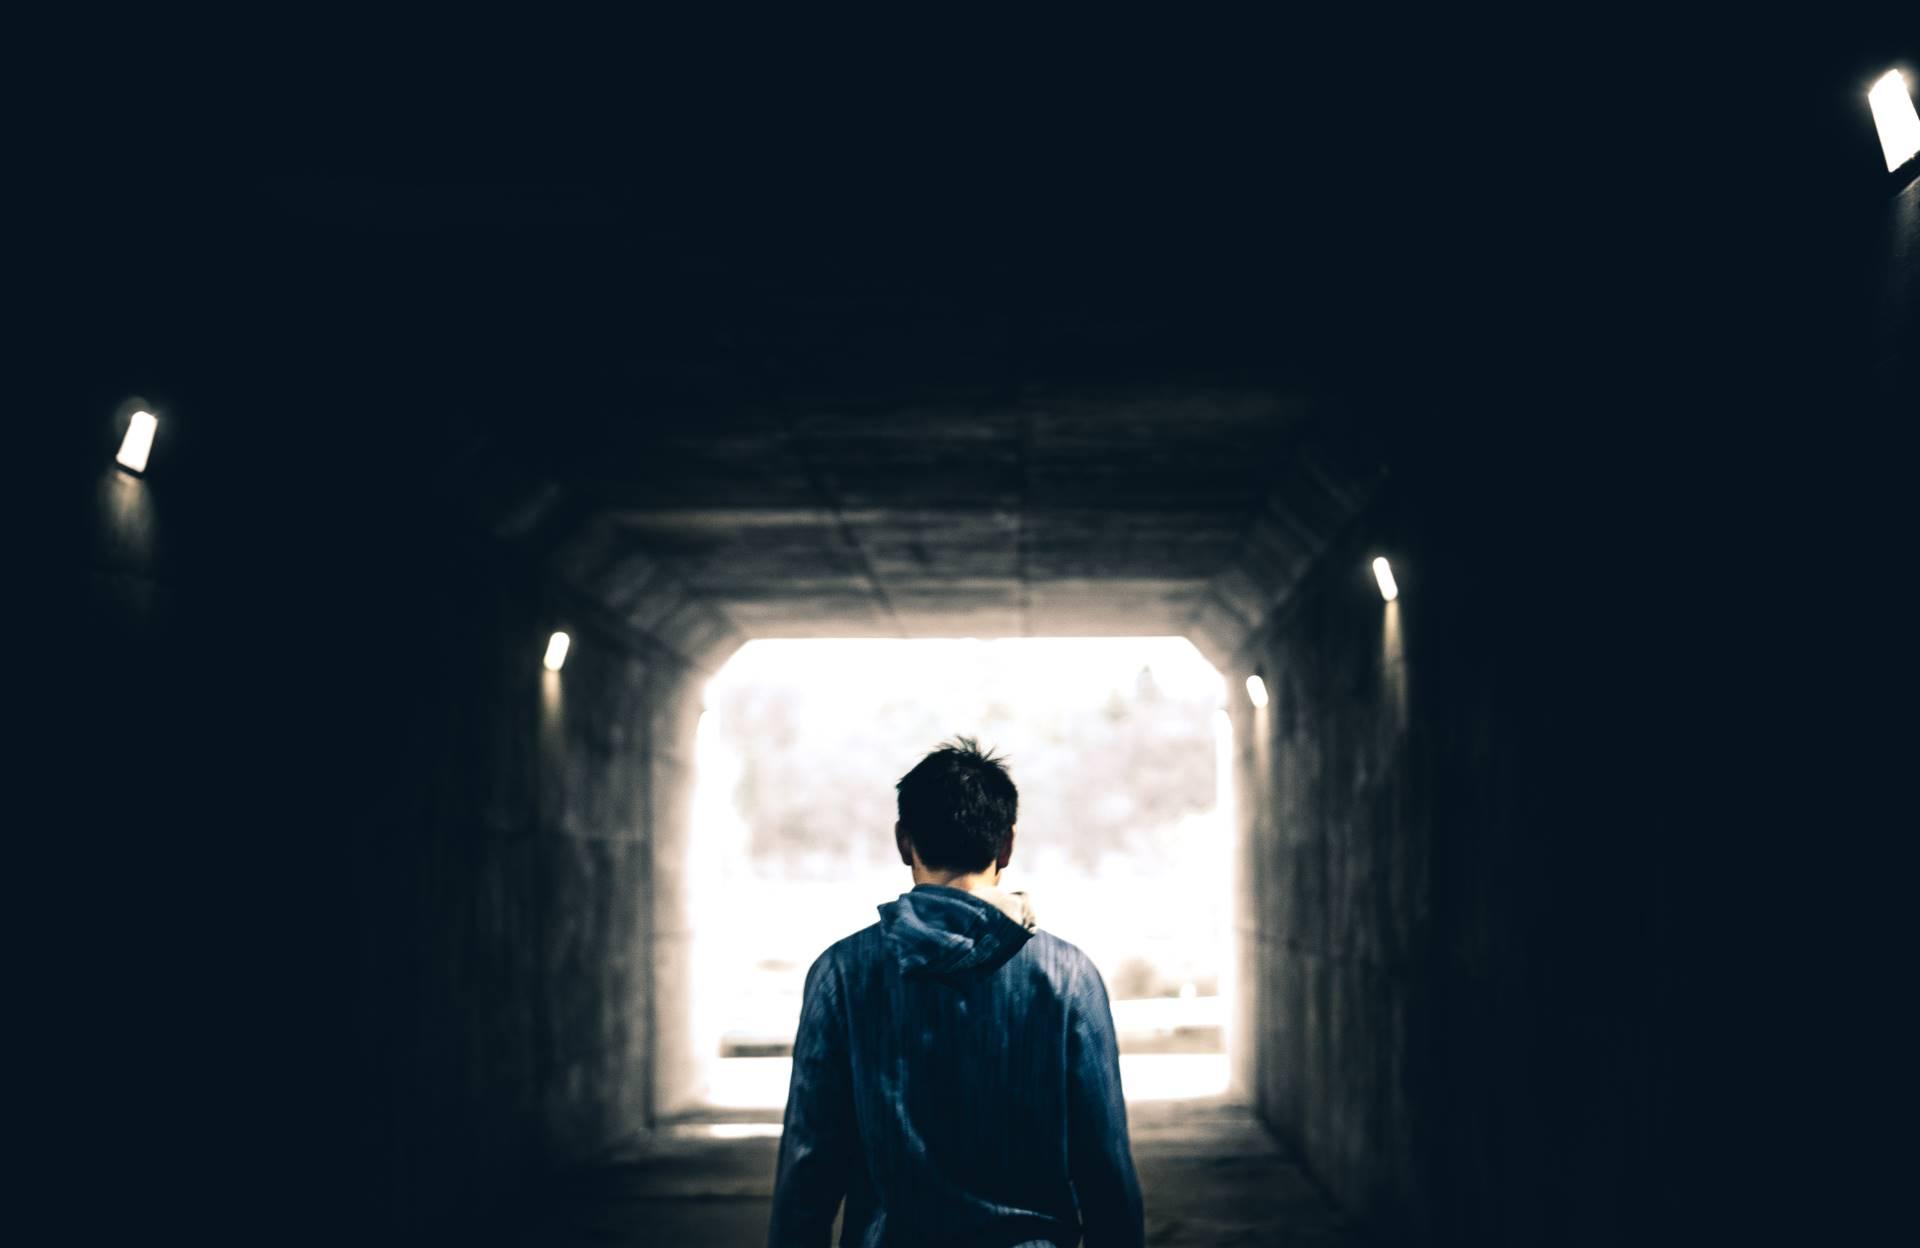 Overvind dine forhindrende tanker